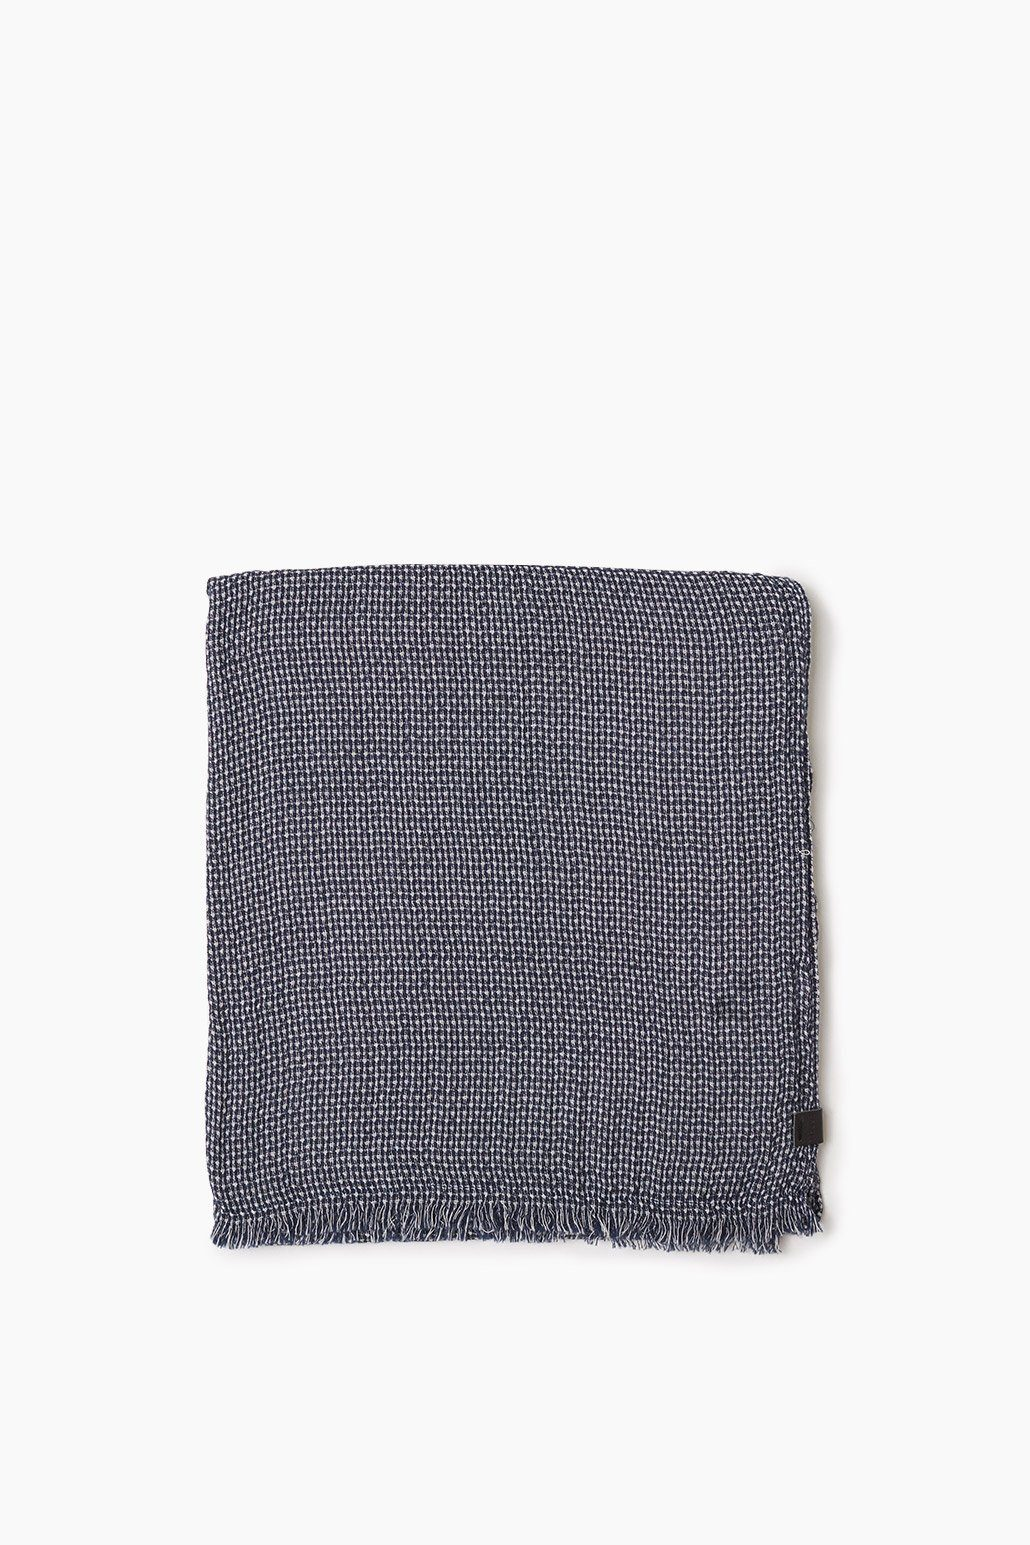 ESPRIT CASUAL Weicher Baumwoll Webschal mit Muster